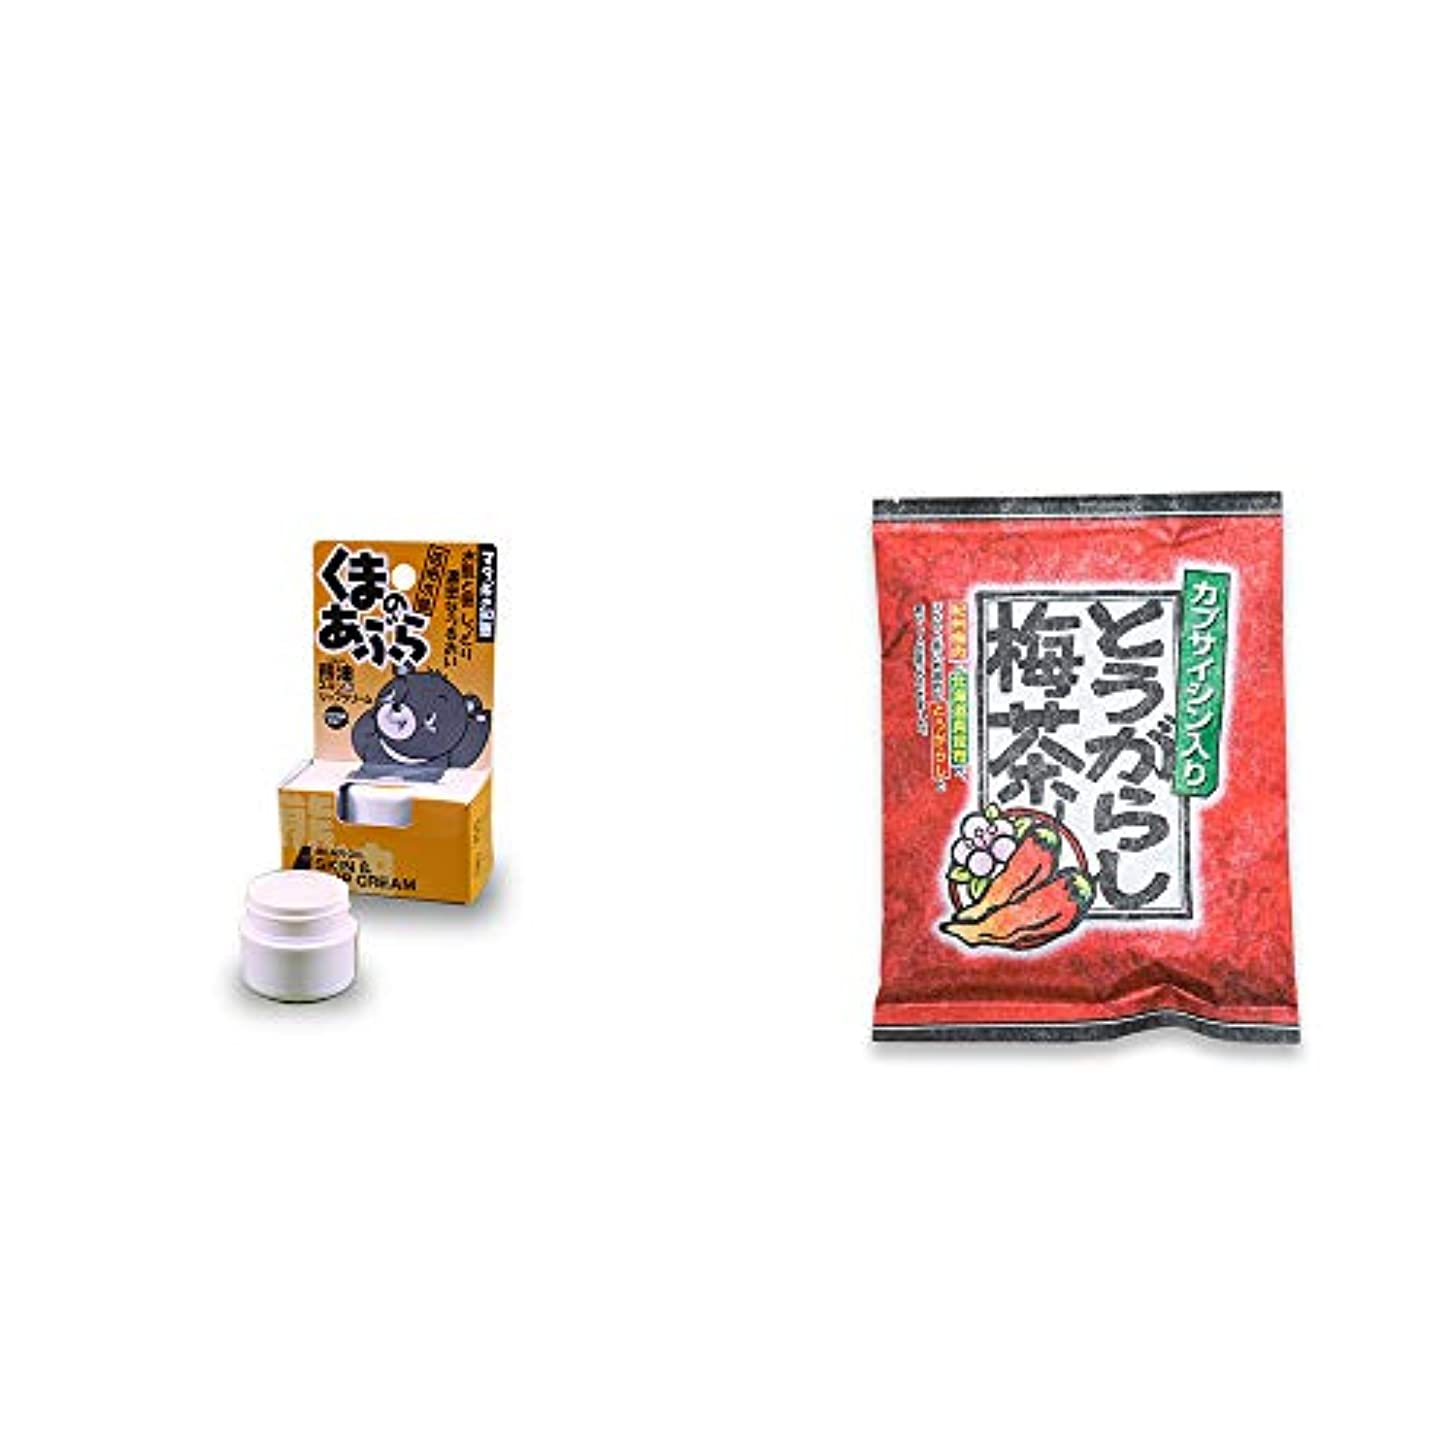 怪物協会エチケット[2点セット] 信州木曽 くまのあぶら 熊油スキン&リップクリーム(9g)?とうがらし梅茶(24袋)